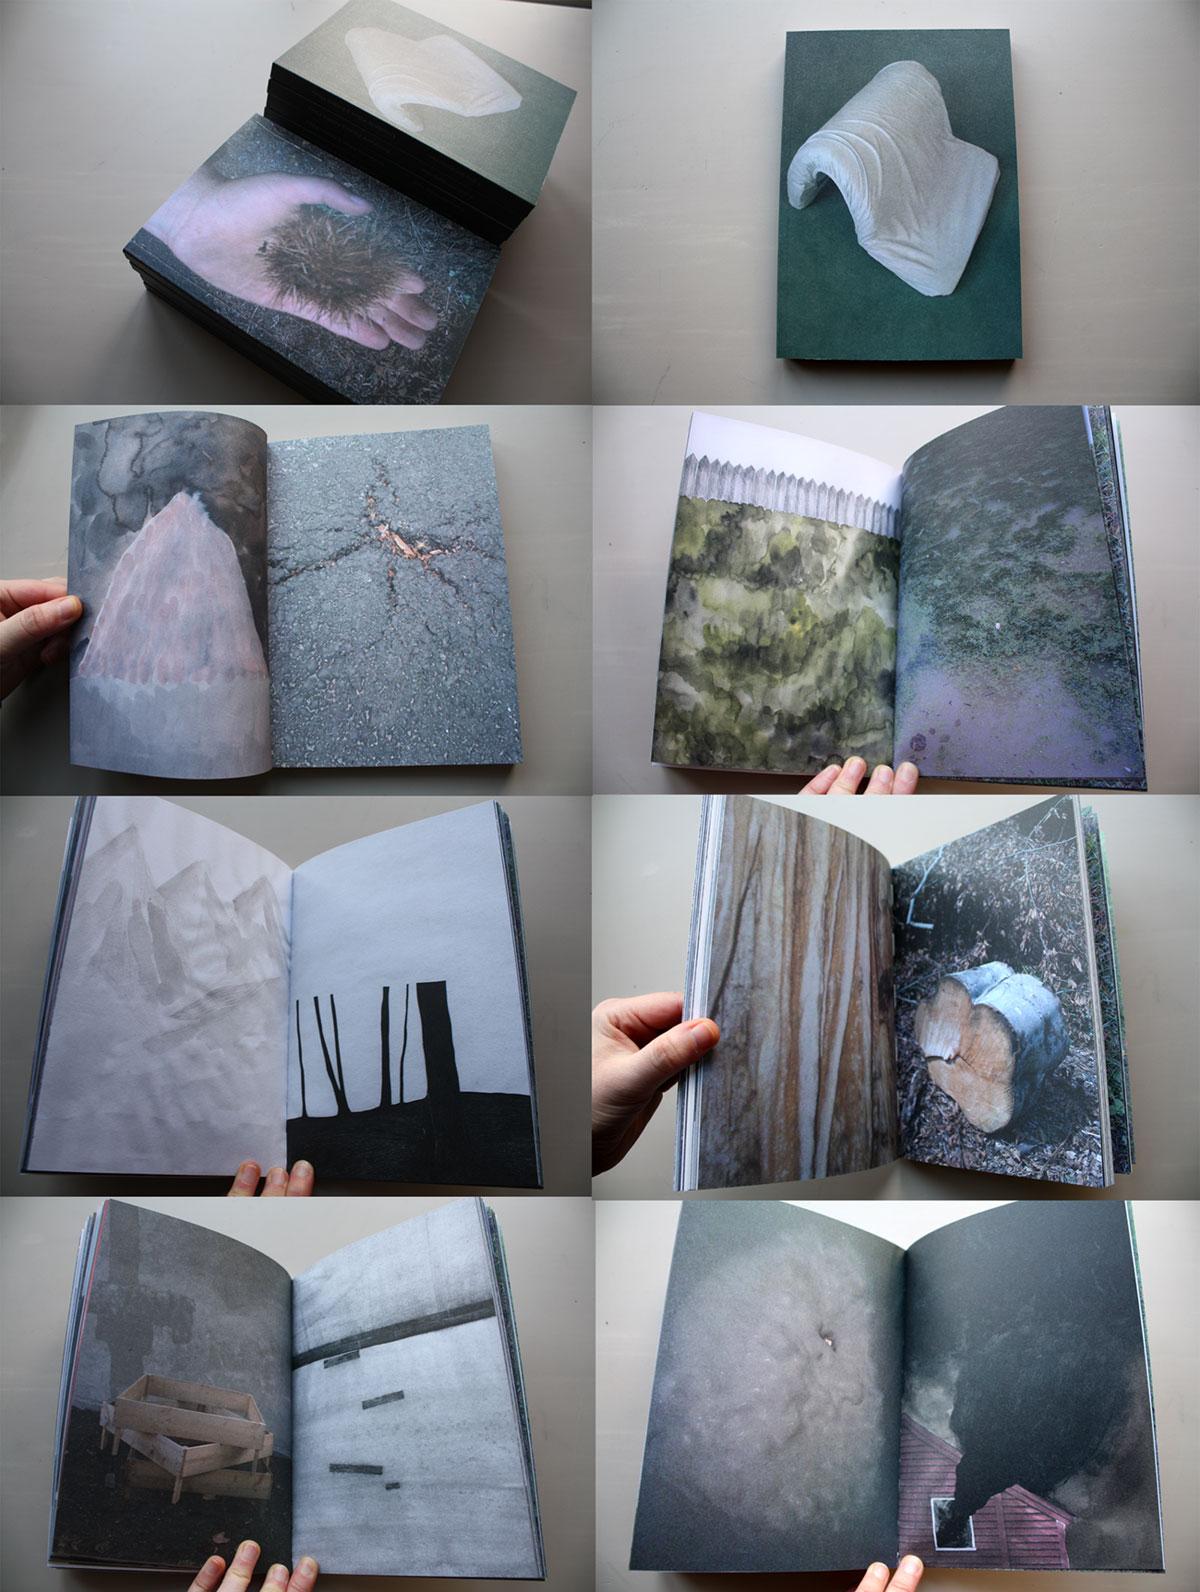 The Works Of Namio Harukawa